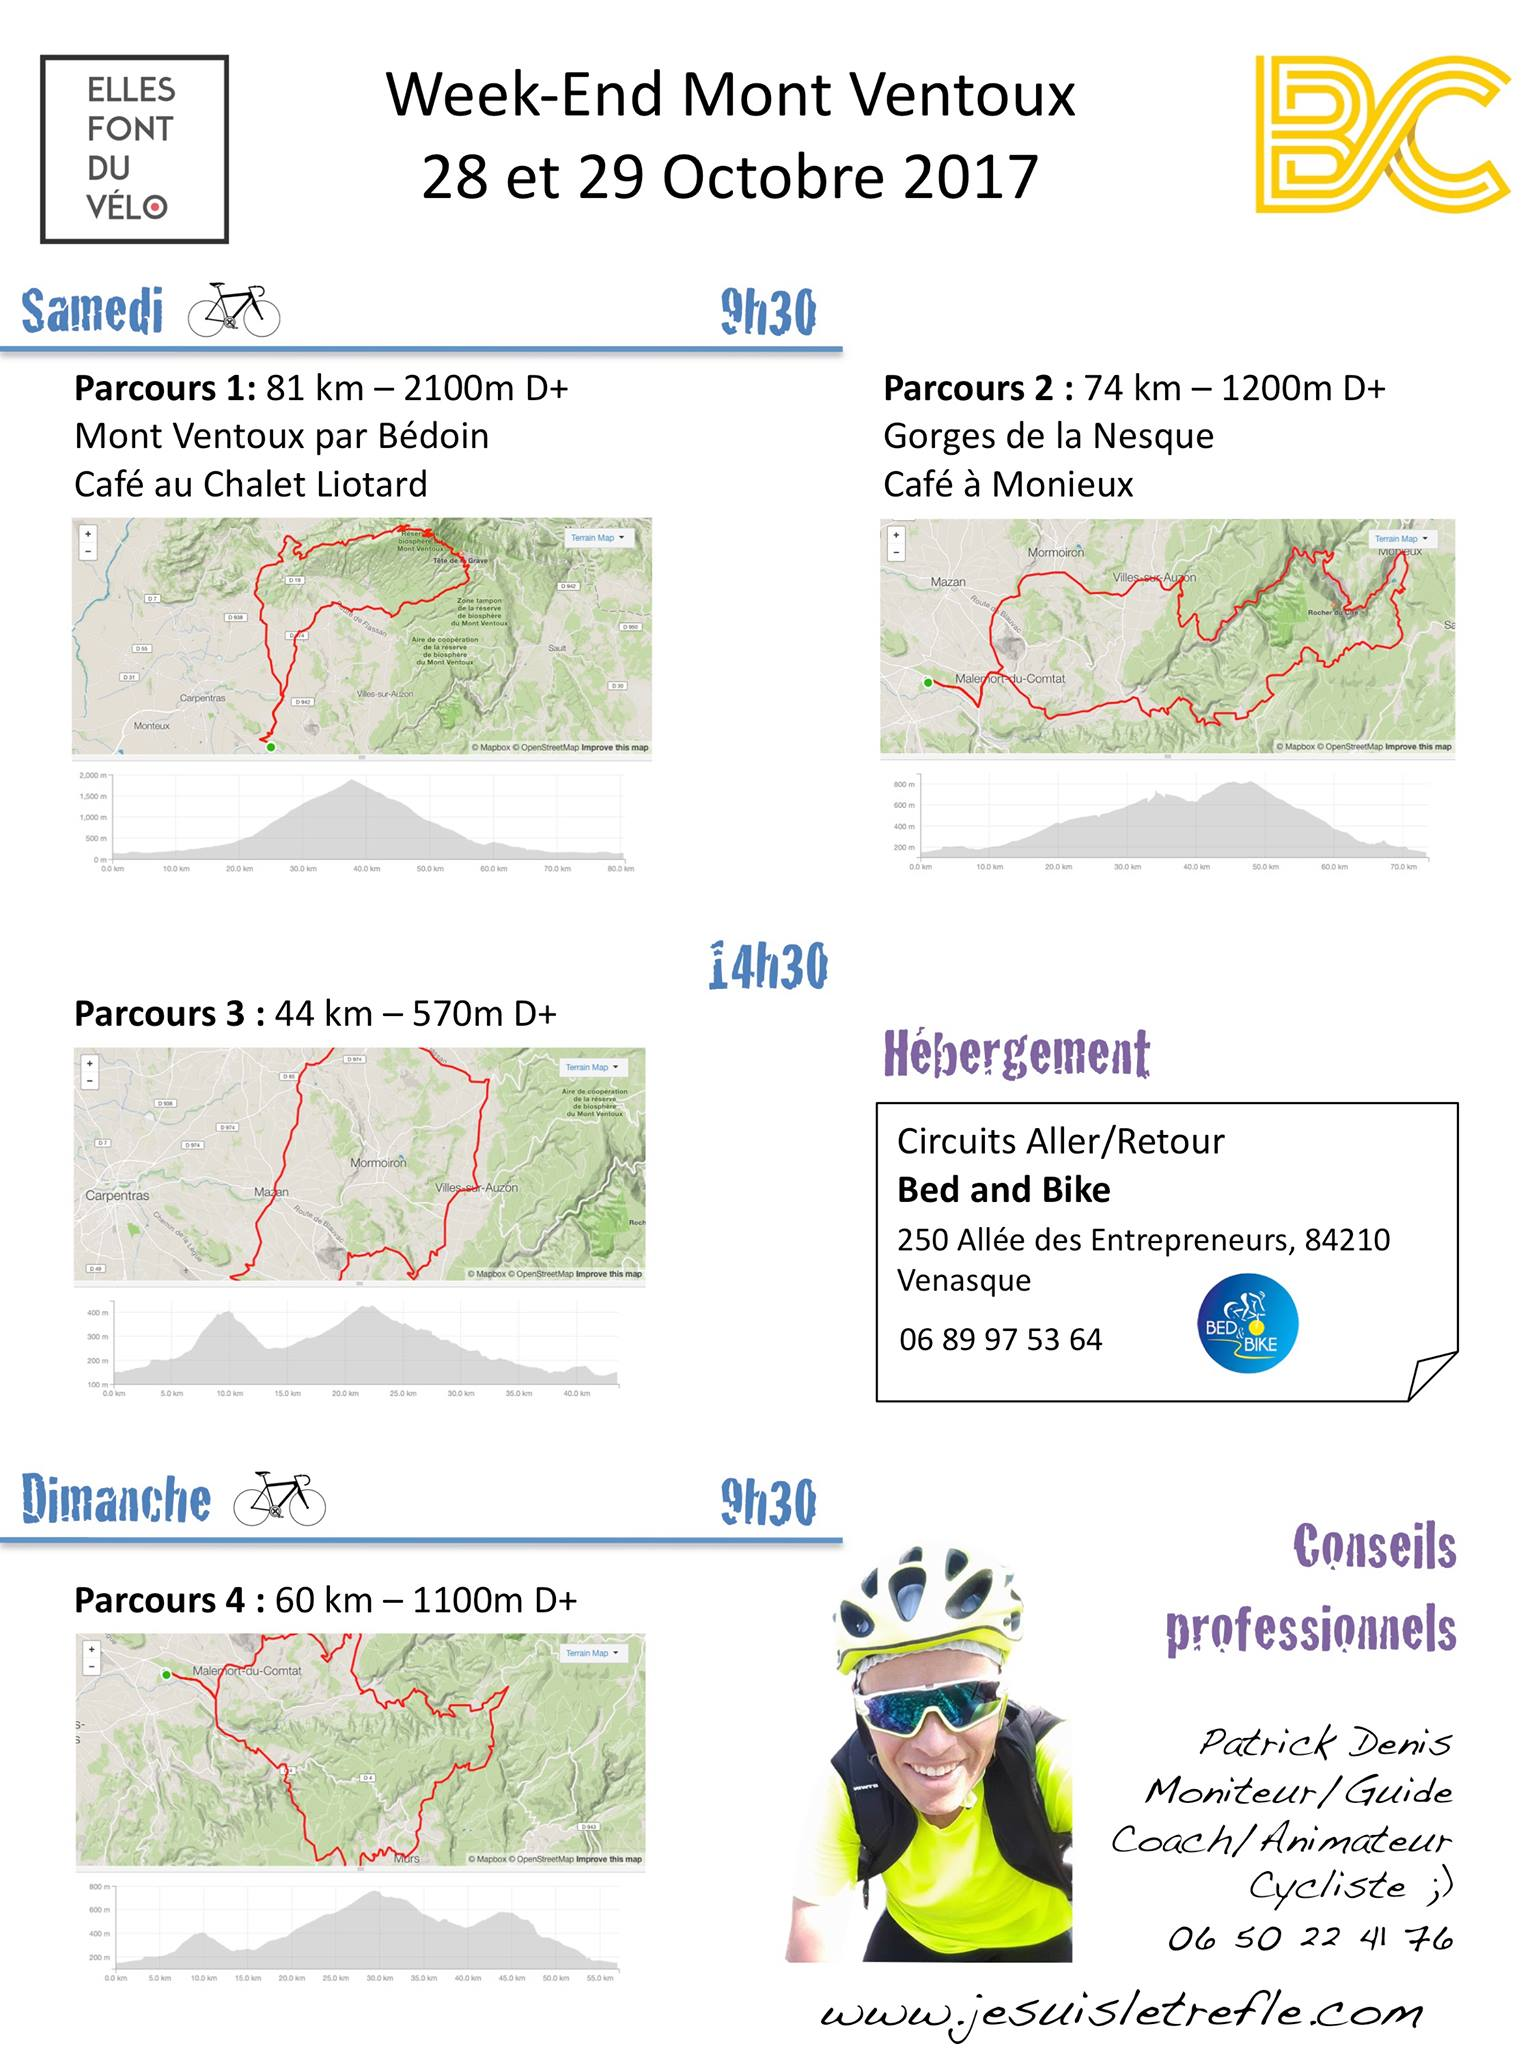 Week-end Mont-ventoux 2017